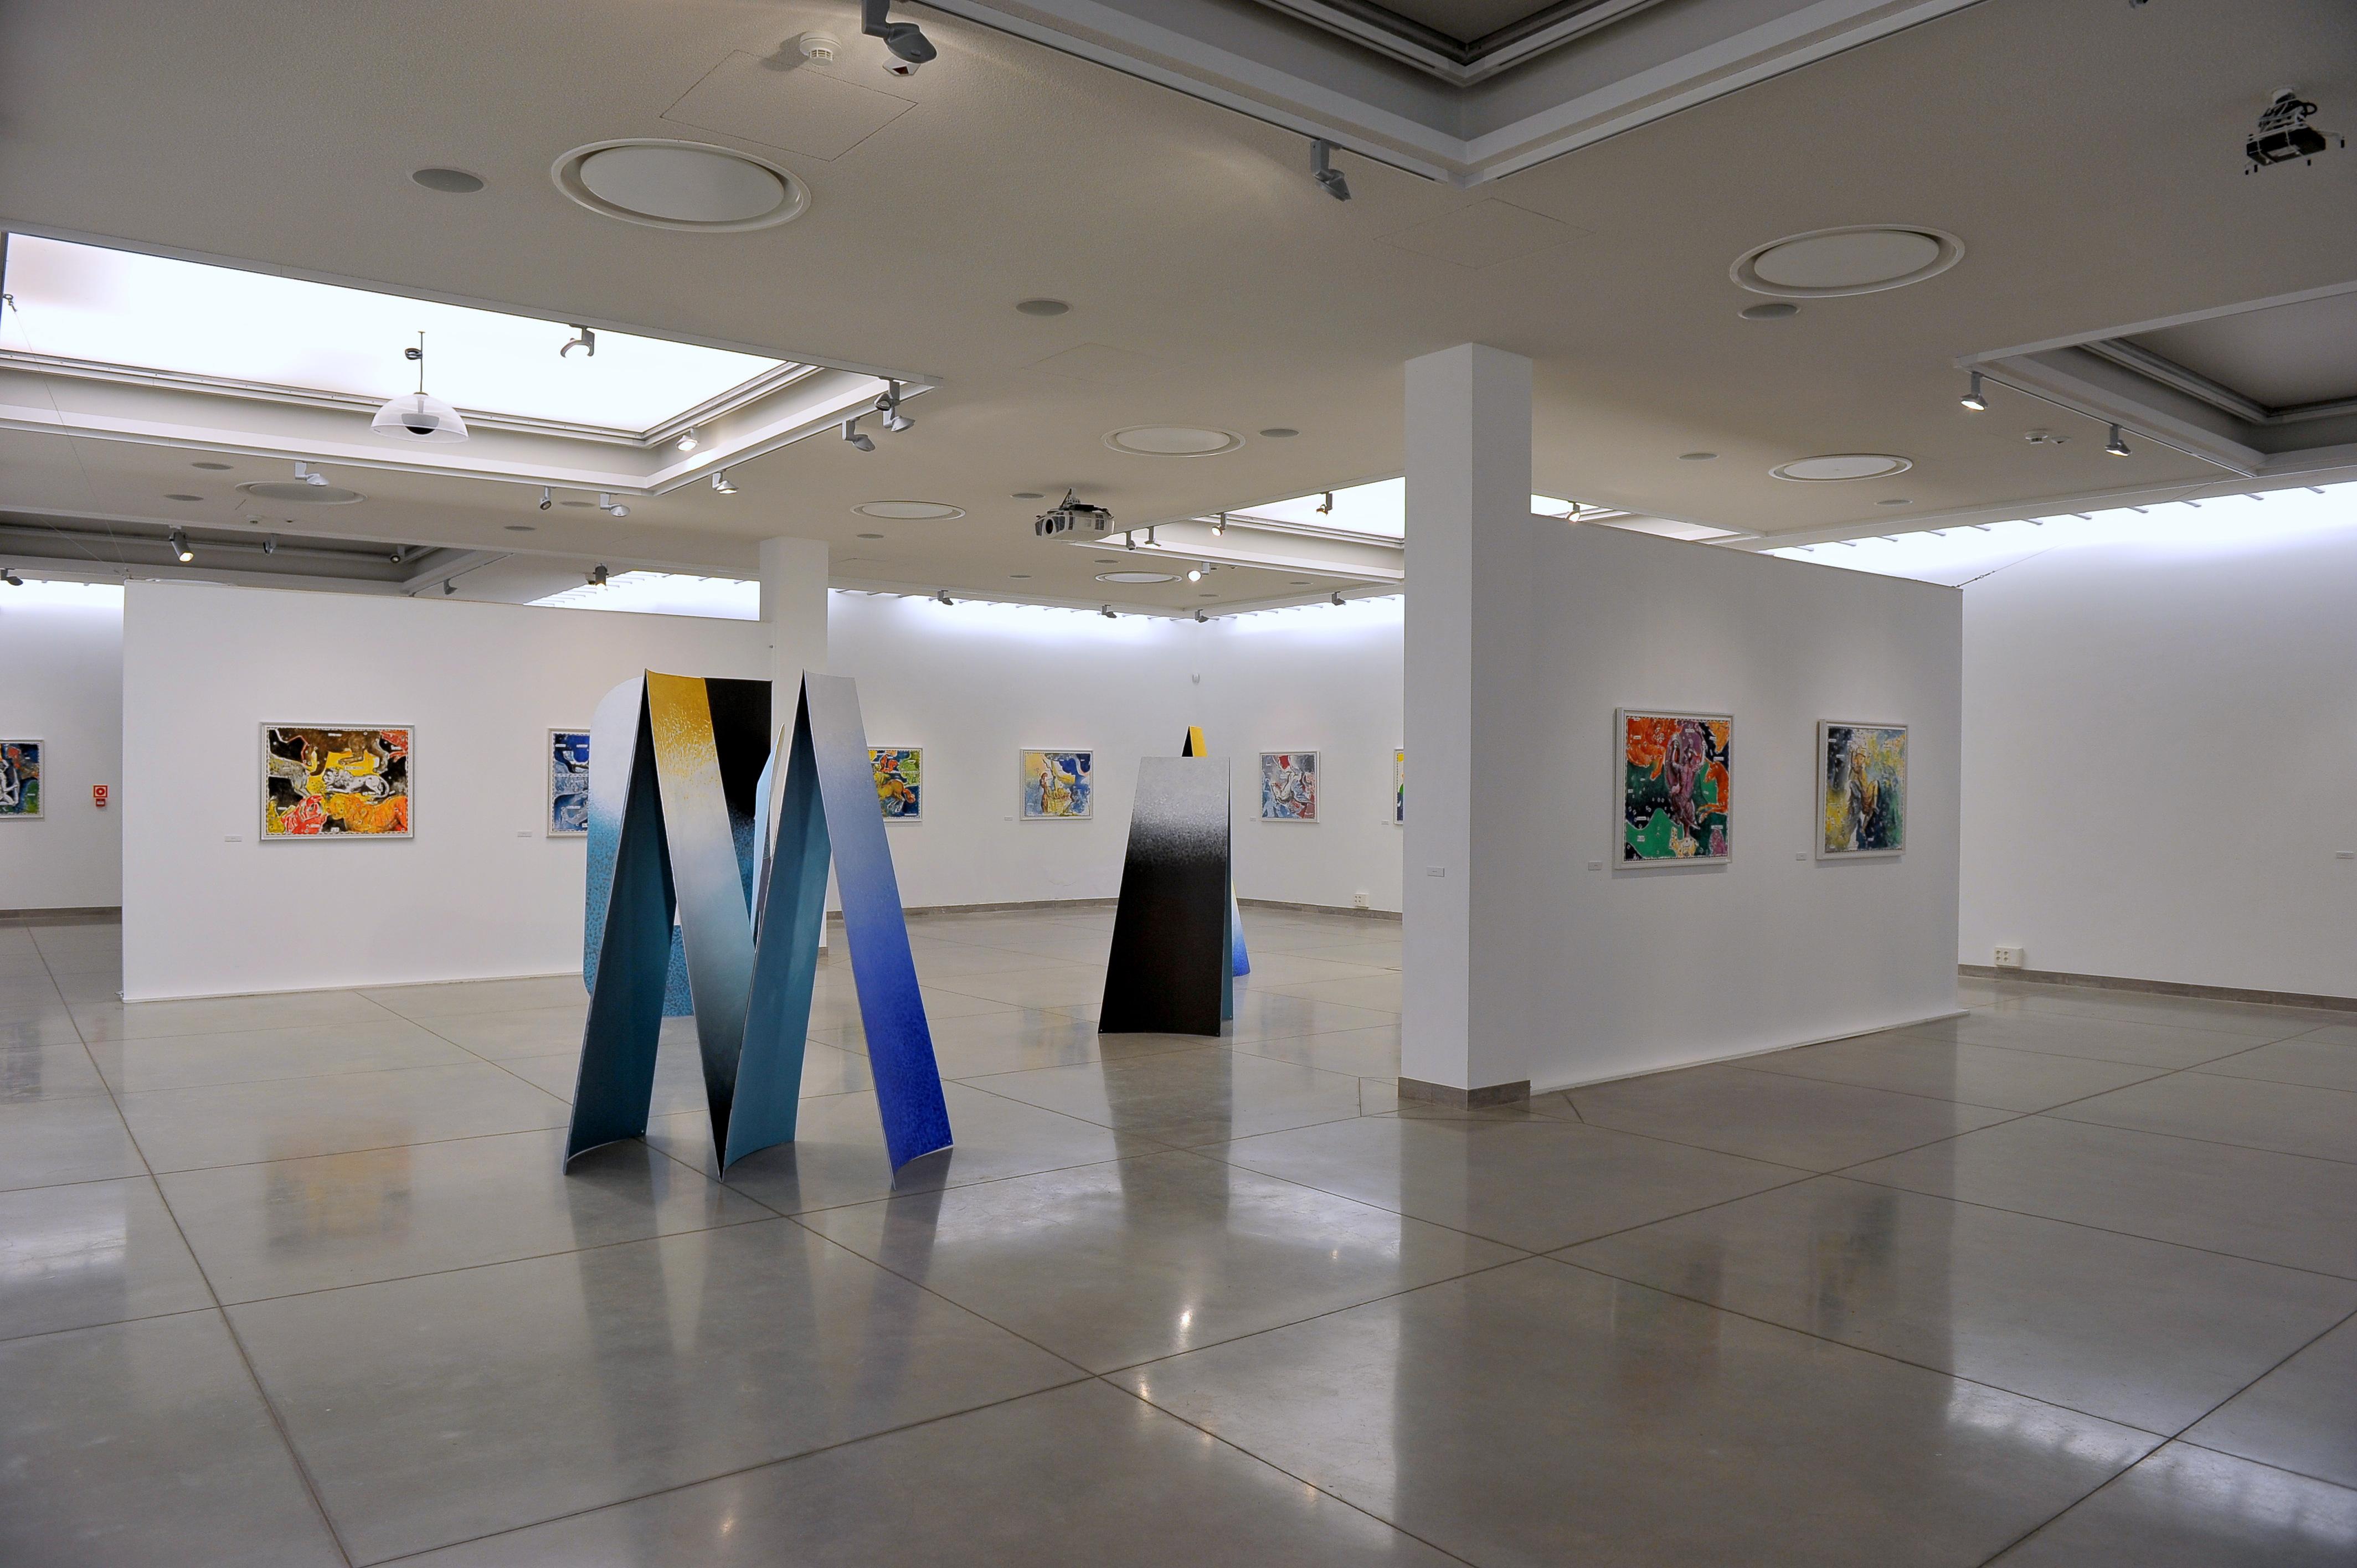 Wojciech Fangor. Heweliusz, widok wystawy, Państwowa Galeria Sztuki